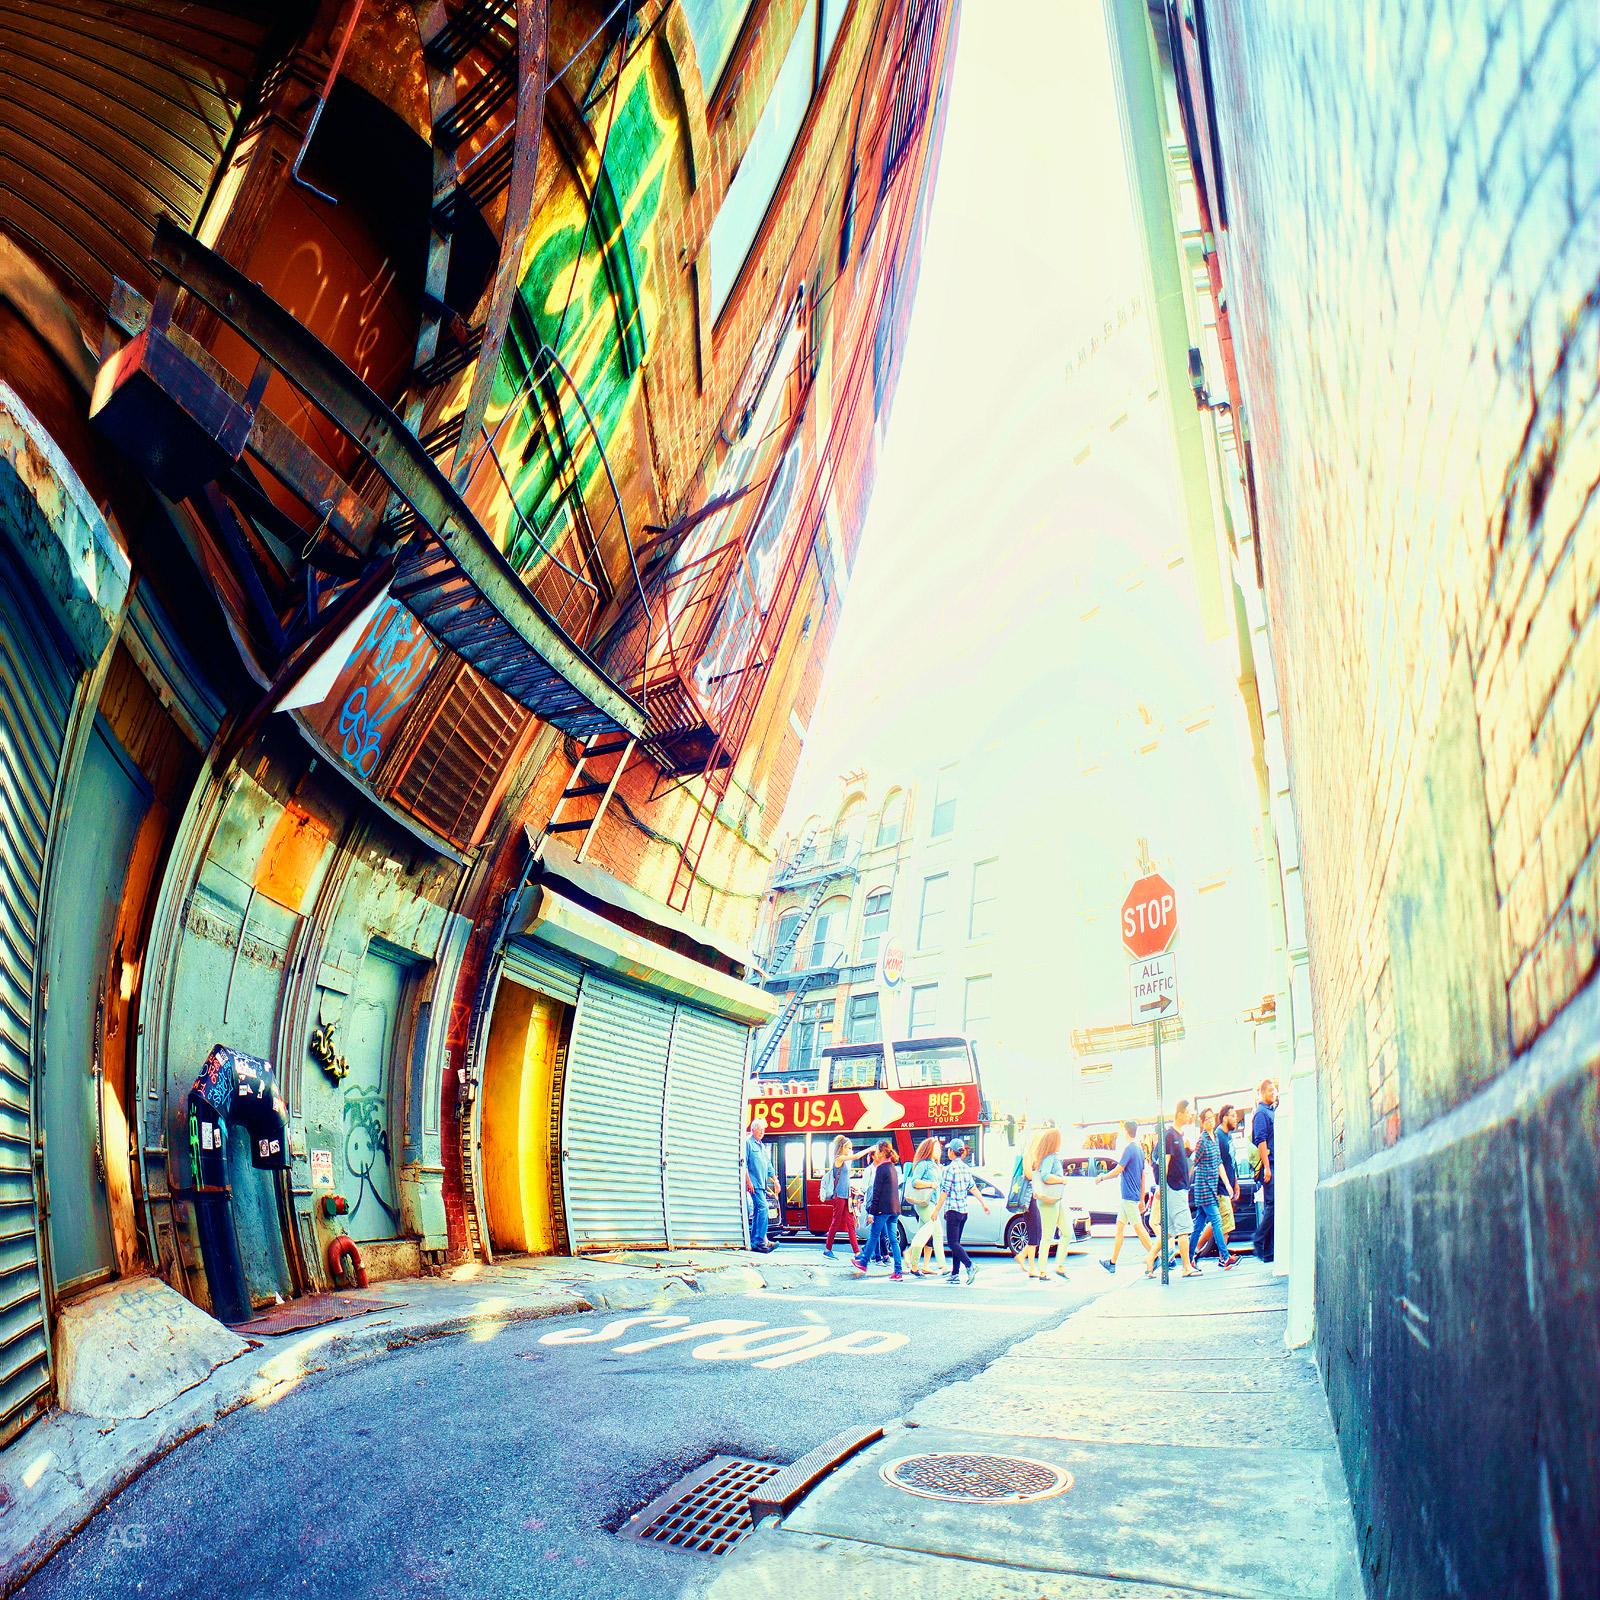 NarrowStreetNearAvenueUOnASunnyDay_warped_1600